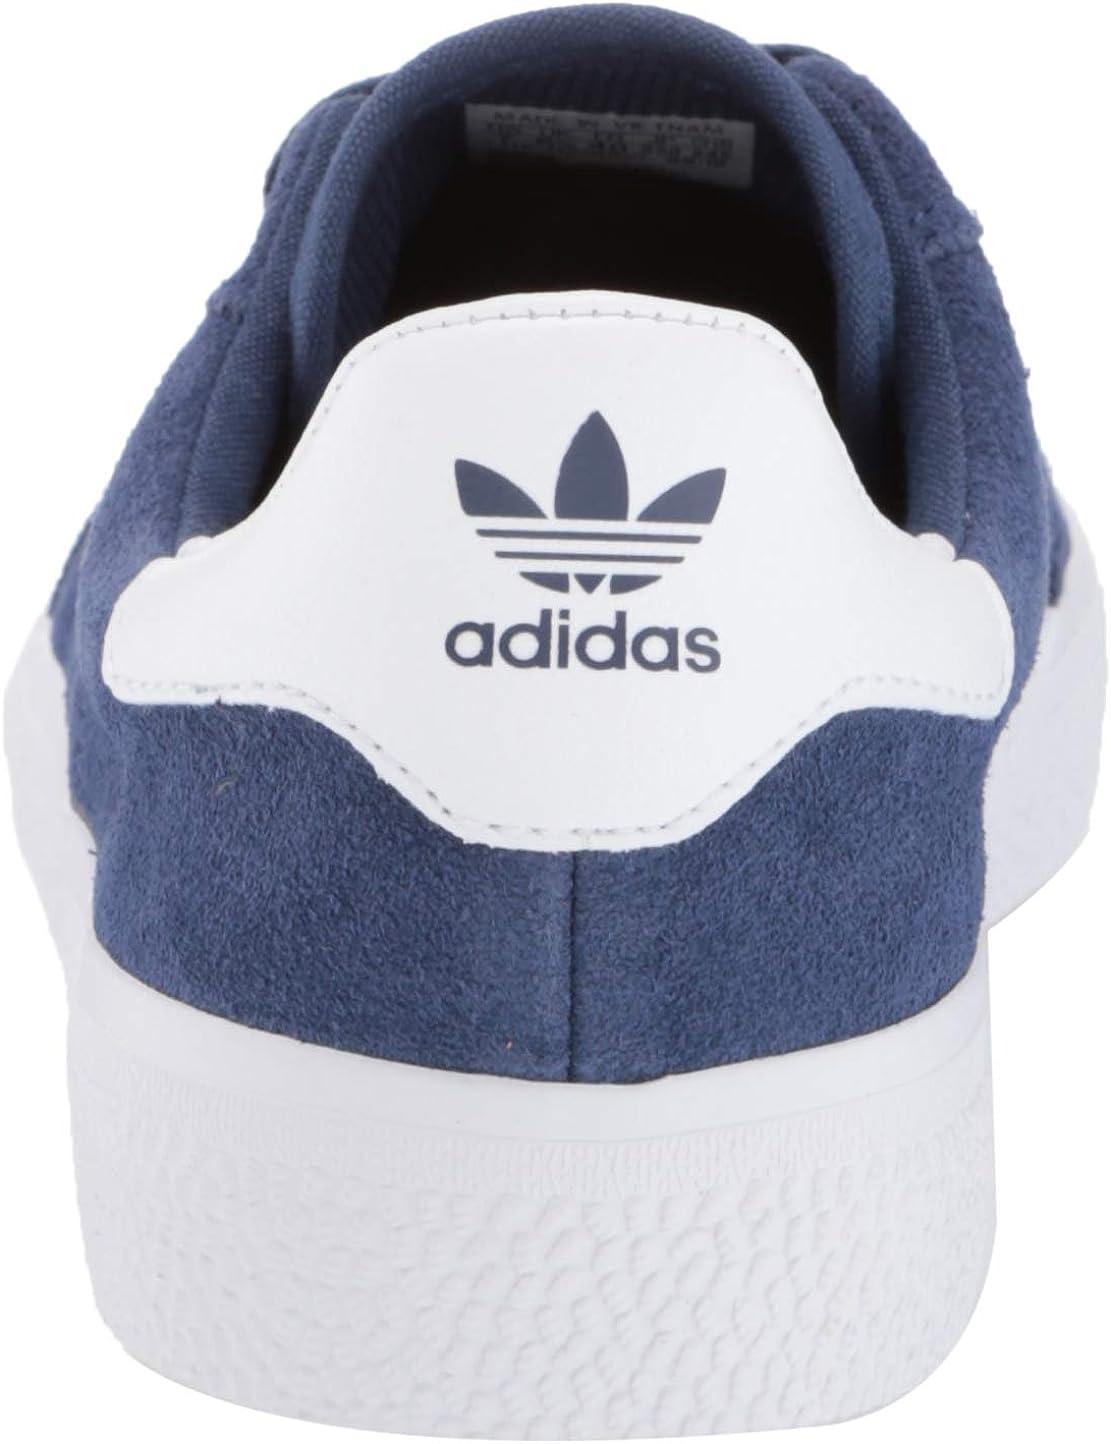 adidas Originals 3mc, Tennis Mixte Adulte Tech Indigo Ftwr White Gum